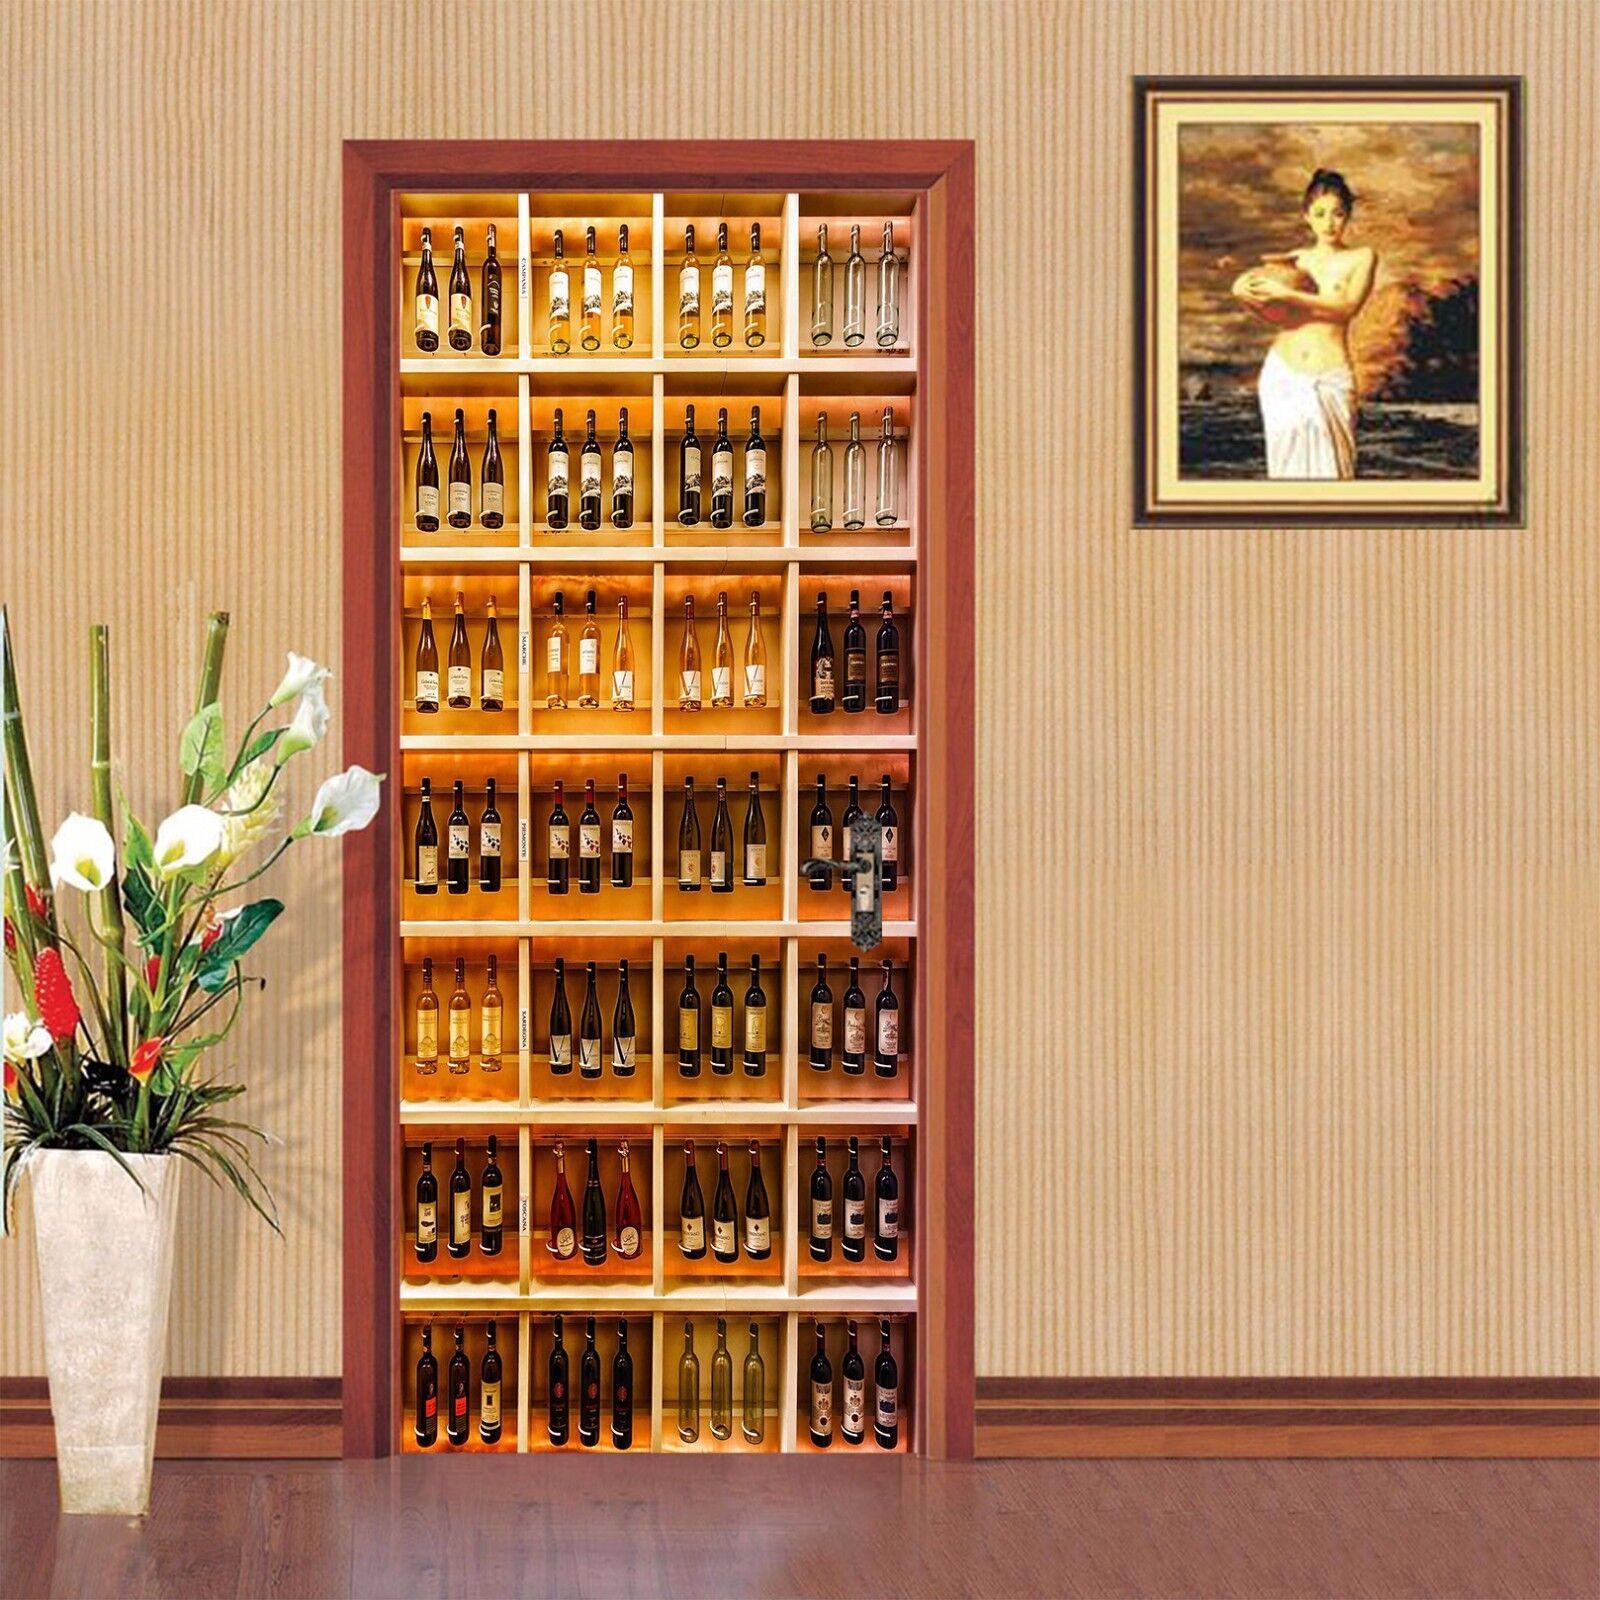 3D Weinschrank Tür Wandmalerei Wandaufkleber Aufkleber AJ WALLPAPER DE Kyra